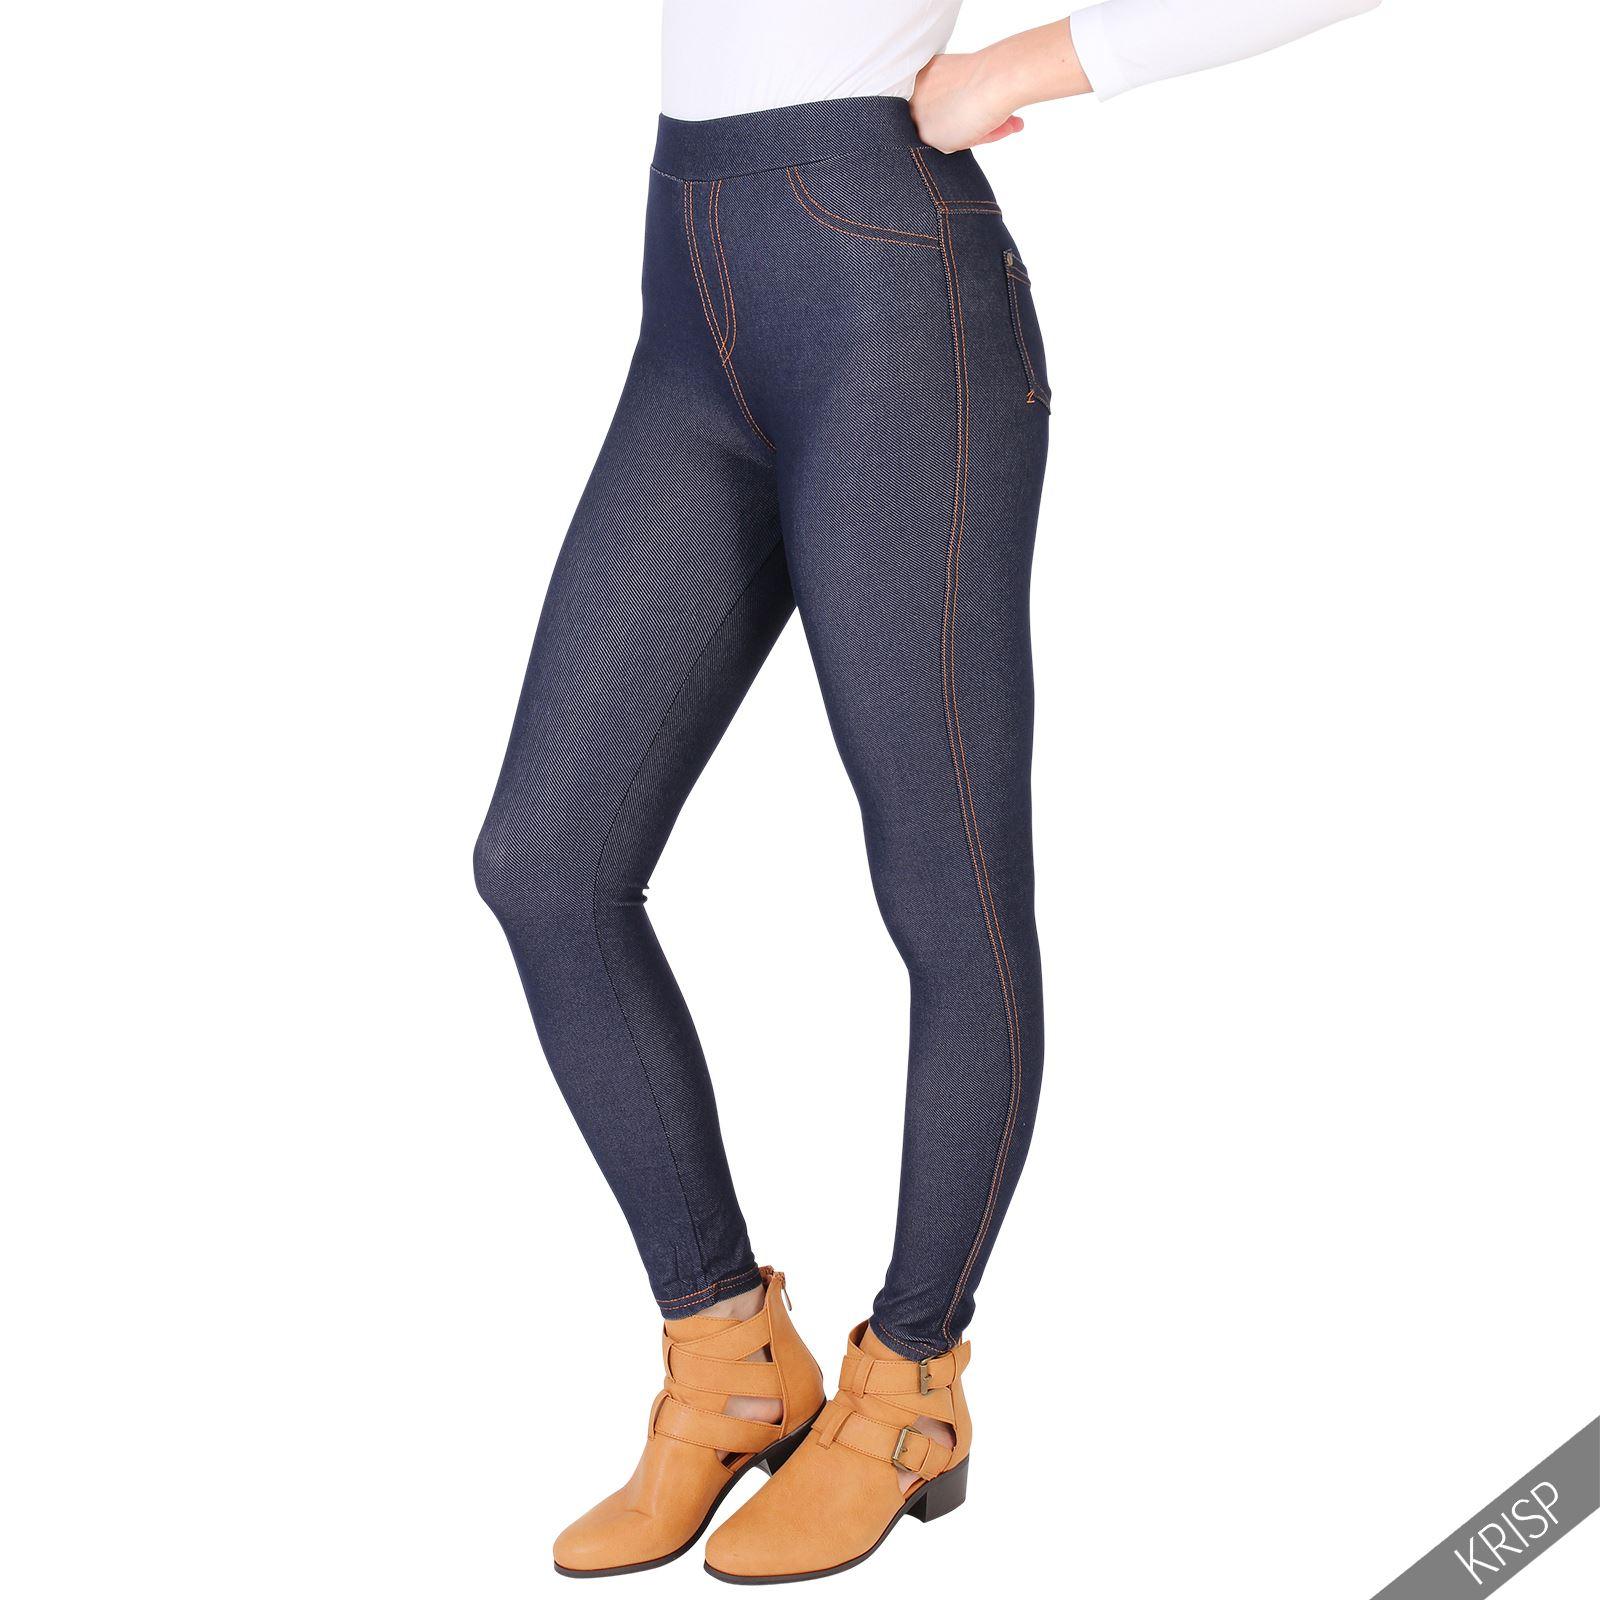 damen denim look high waist leggings jeggings jeans skinny slim fit stretch hose ebay. Black Bedroom Furniture Sets. Home Design Ideas